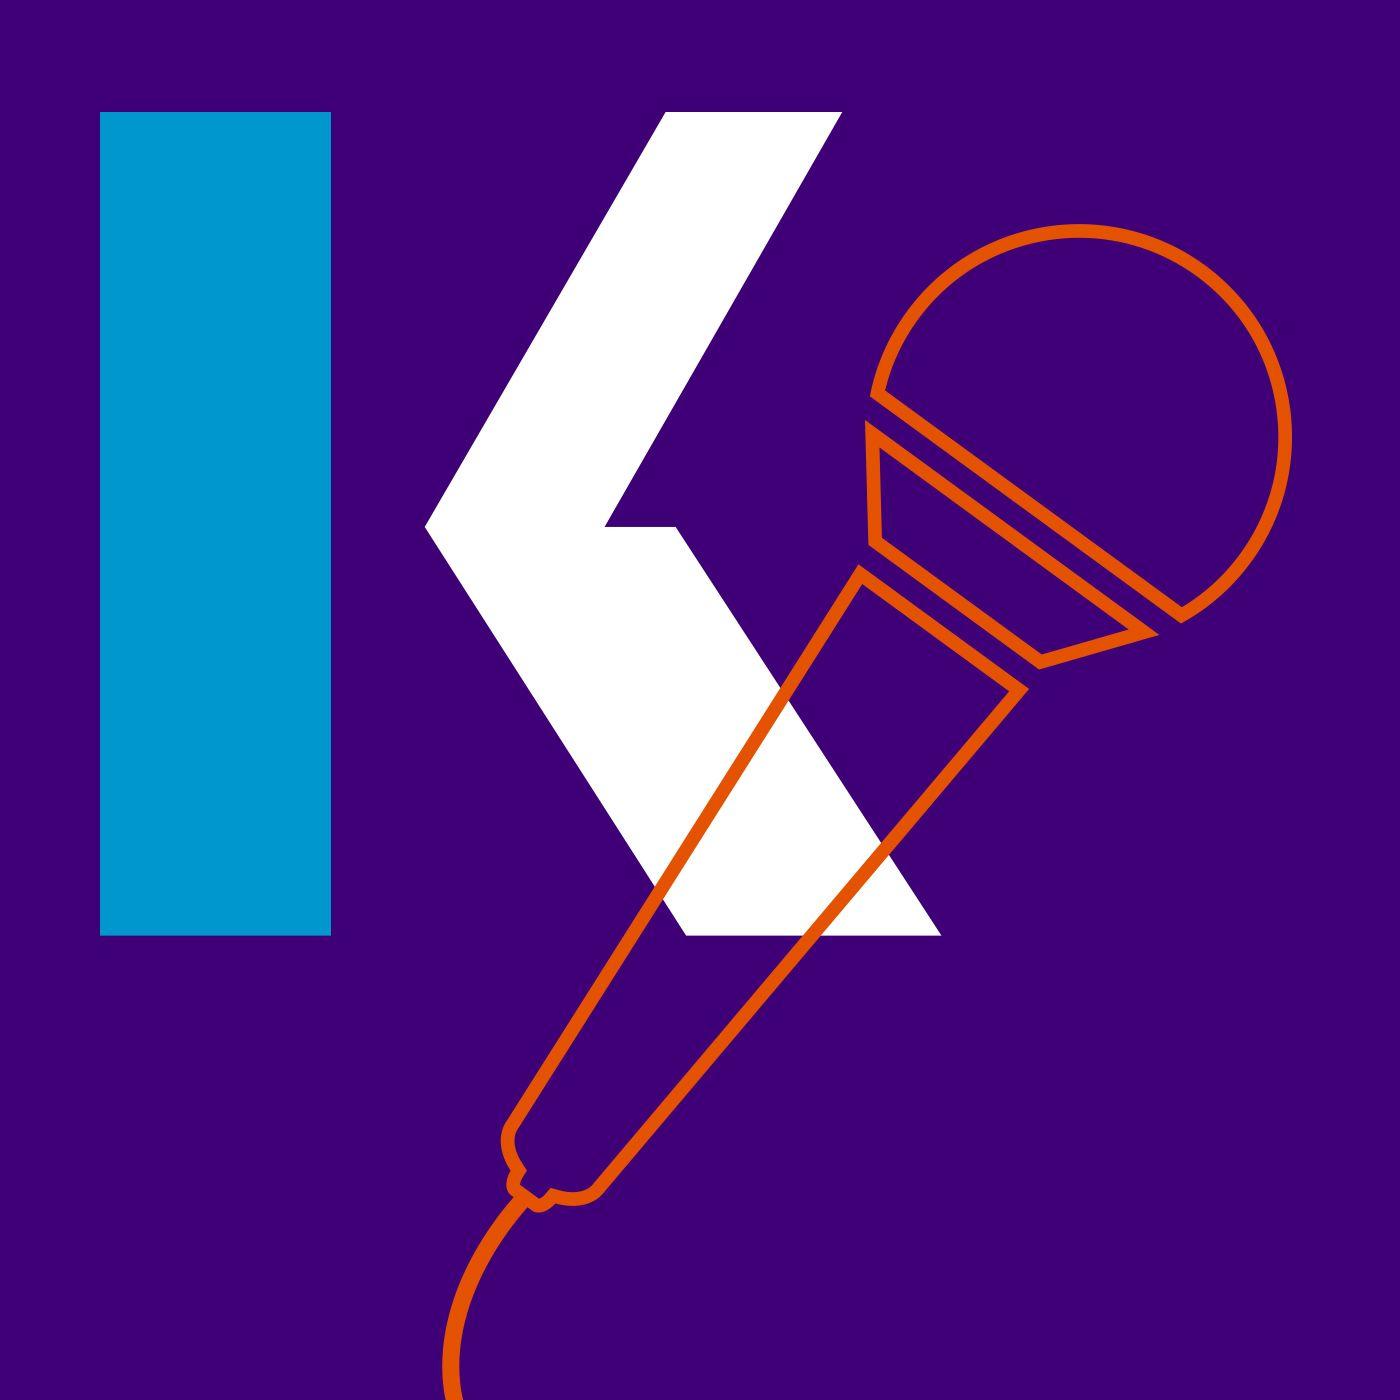 Kaplan's NCLEX Prepcast - Episode 20 - Answering NCLEX® Alternate Item Questions